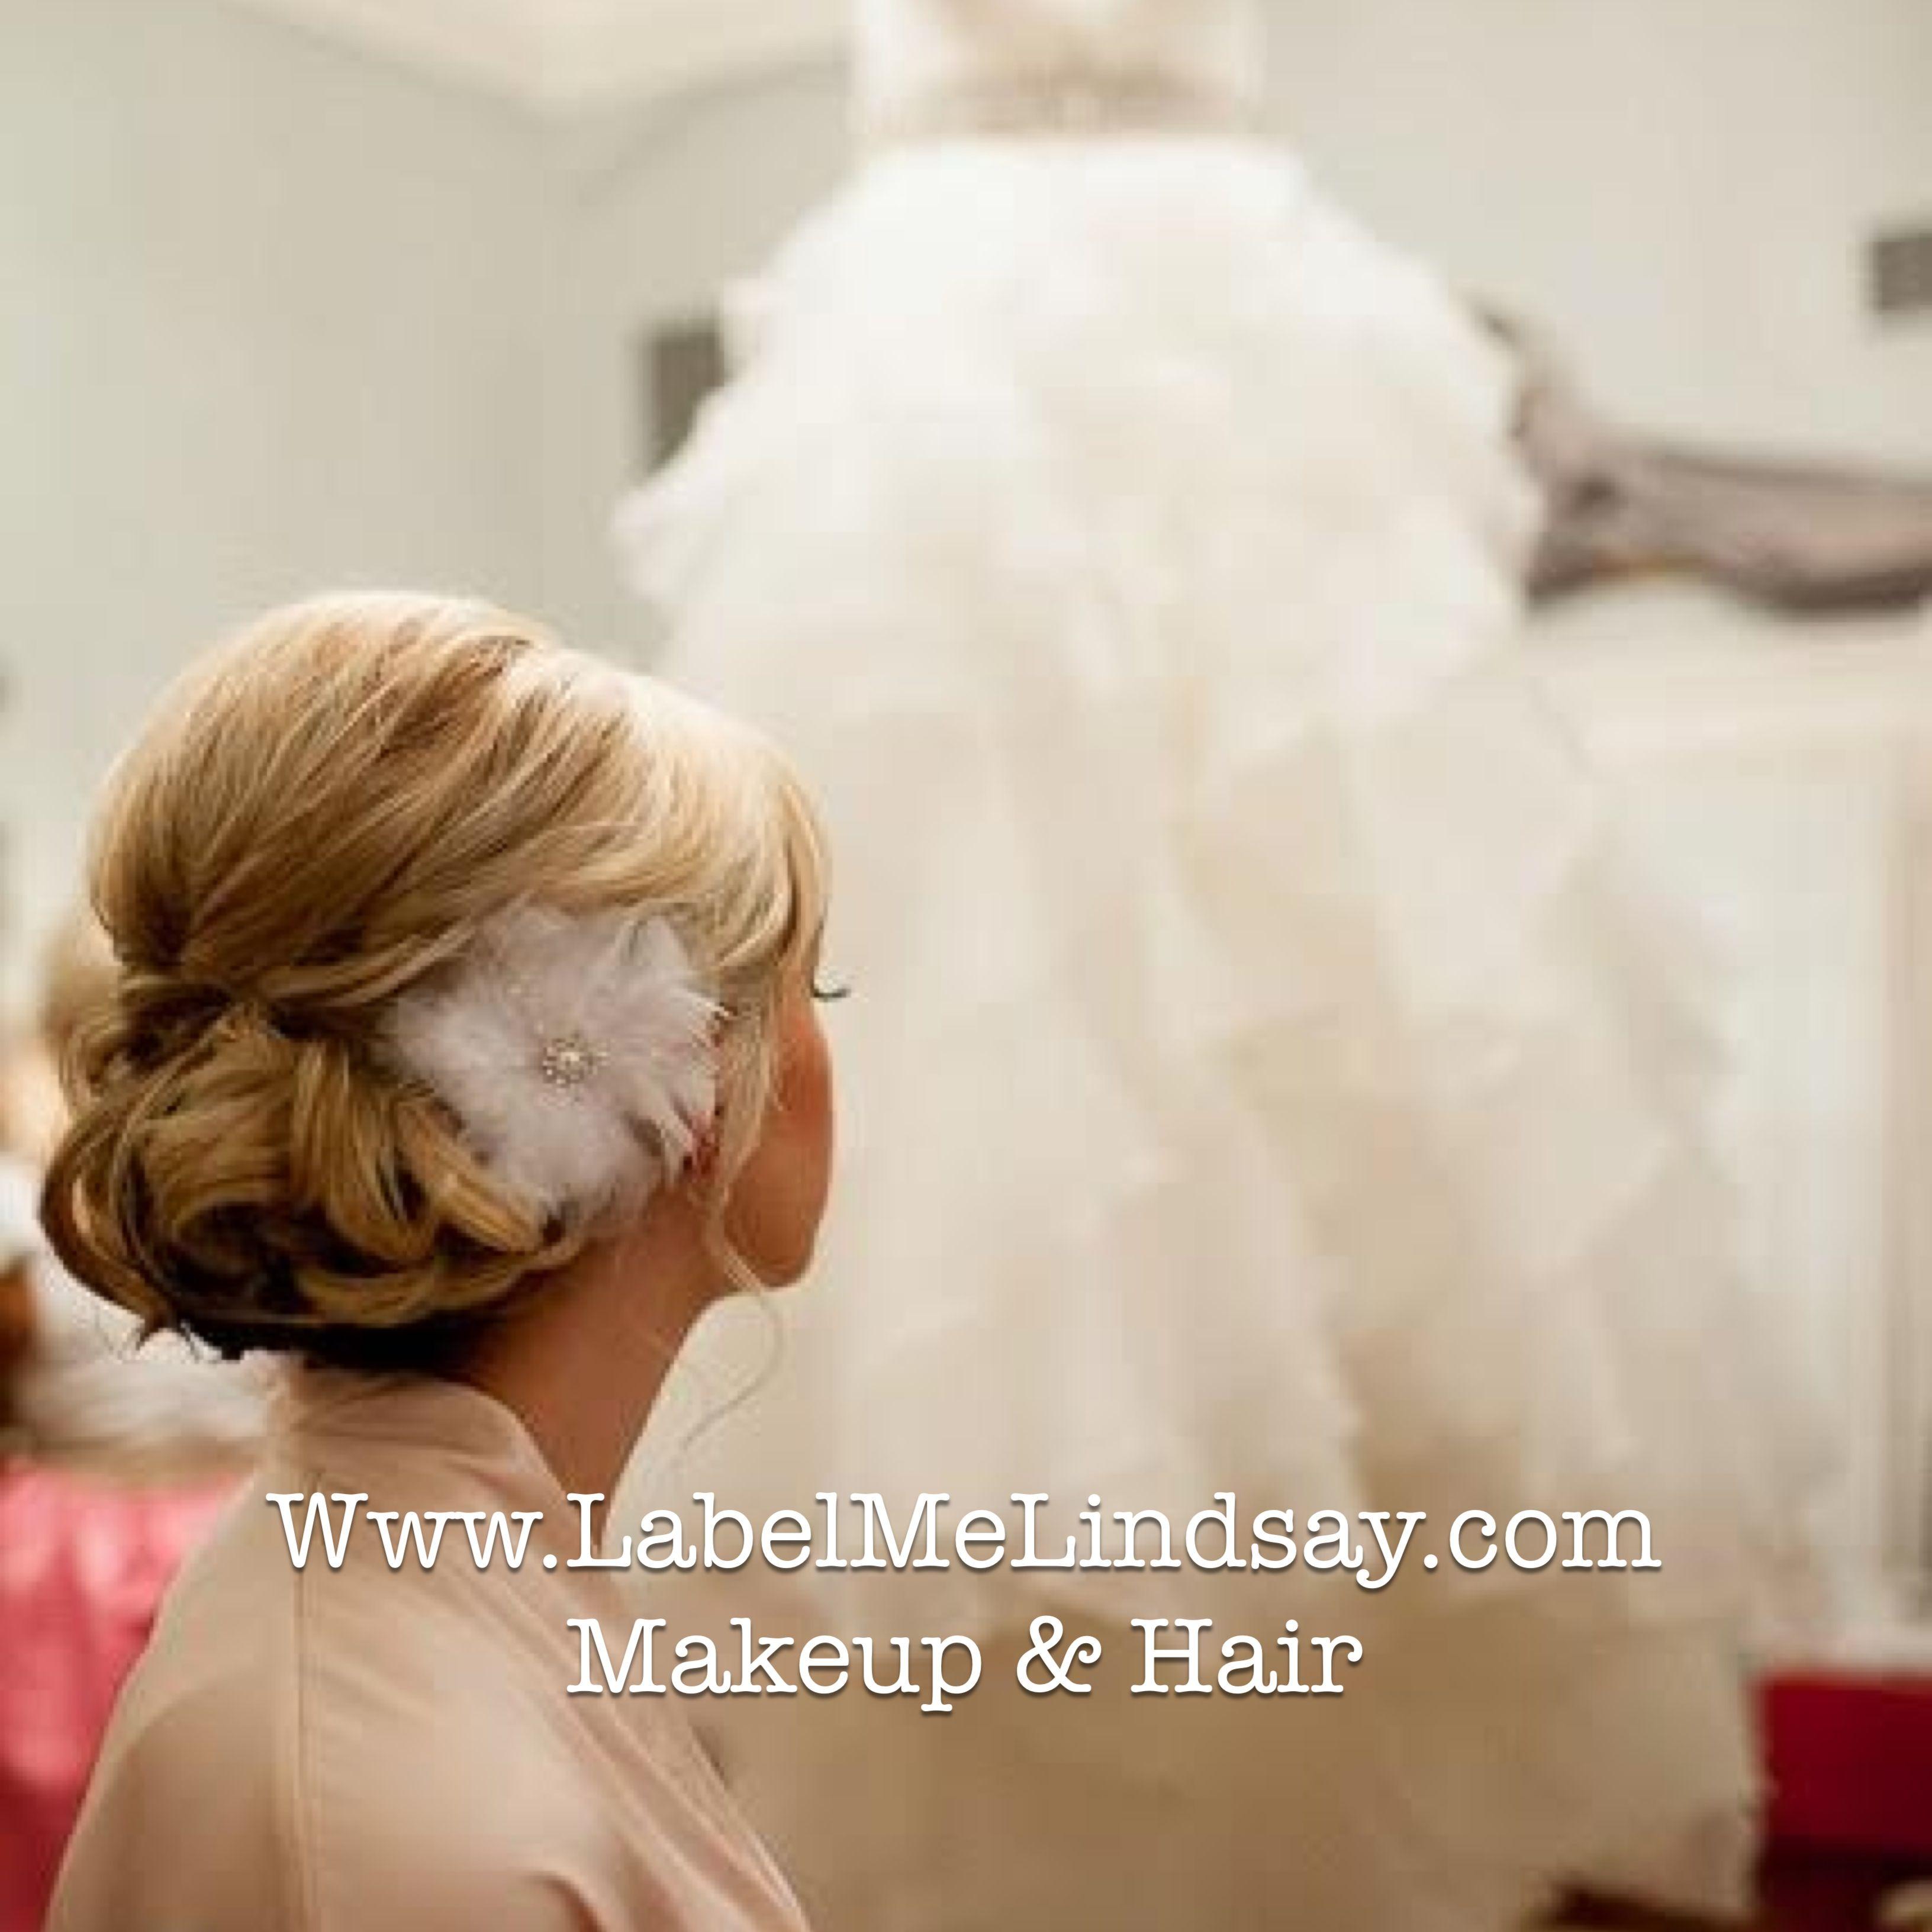 bridal hair updo wedding hair and makeup | My hair and makeup ...